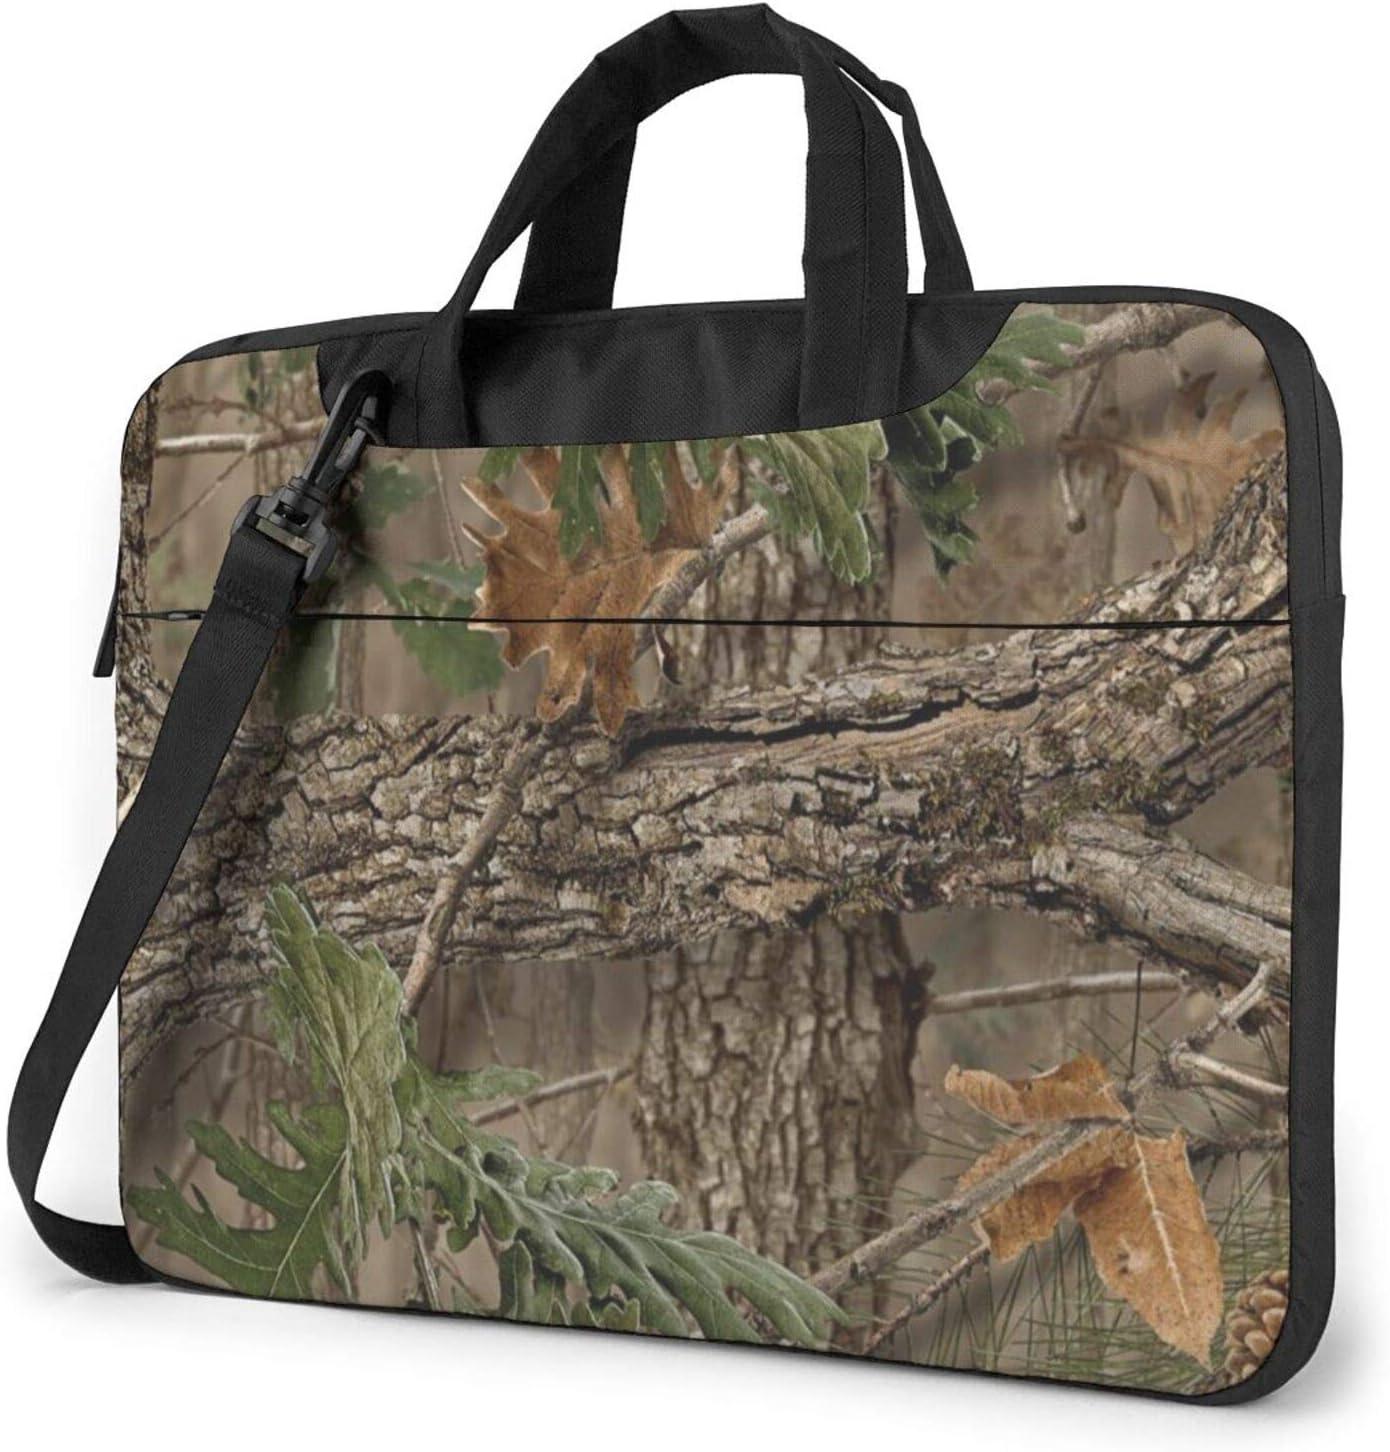 Laptop Bag 在庫あり Camouflage 上品 Forest B Messenger Shoulder Hunting